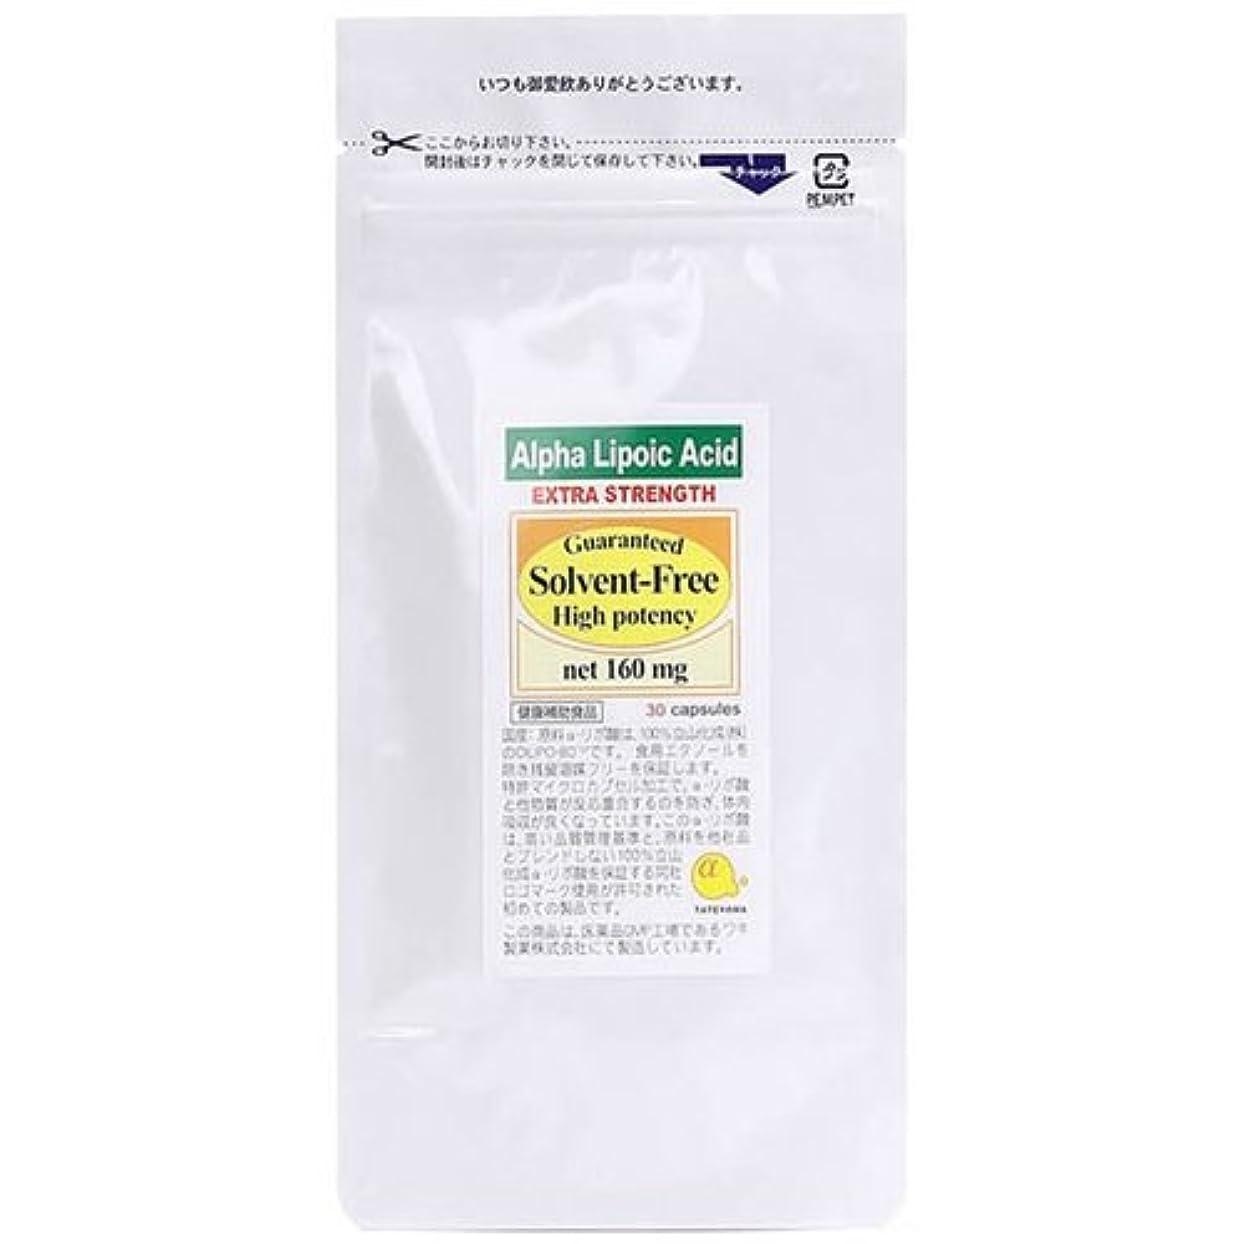 パパ禁止深く日本ホールフーズ アルファリポ酸(αリポ酸) 約30日分 30カプセル Y114971H